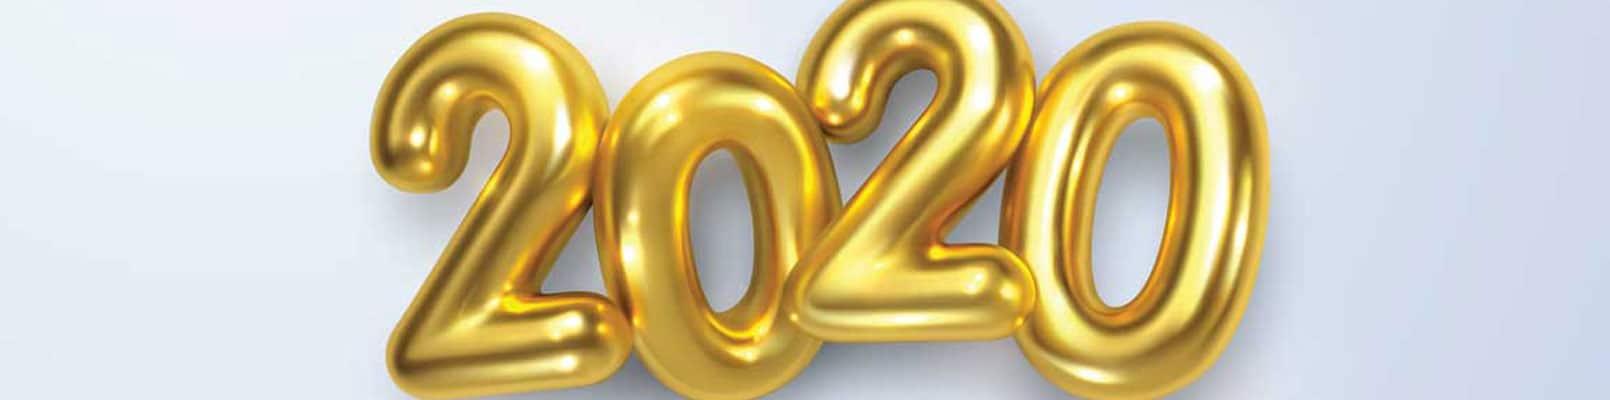 zodiac 2020 noroc